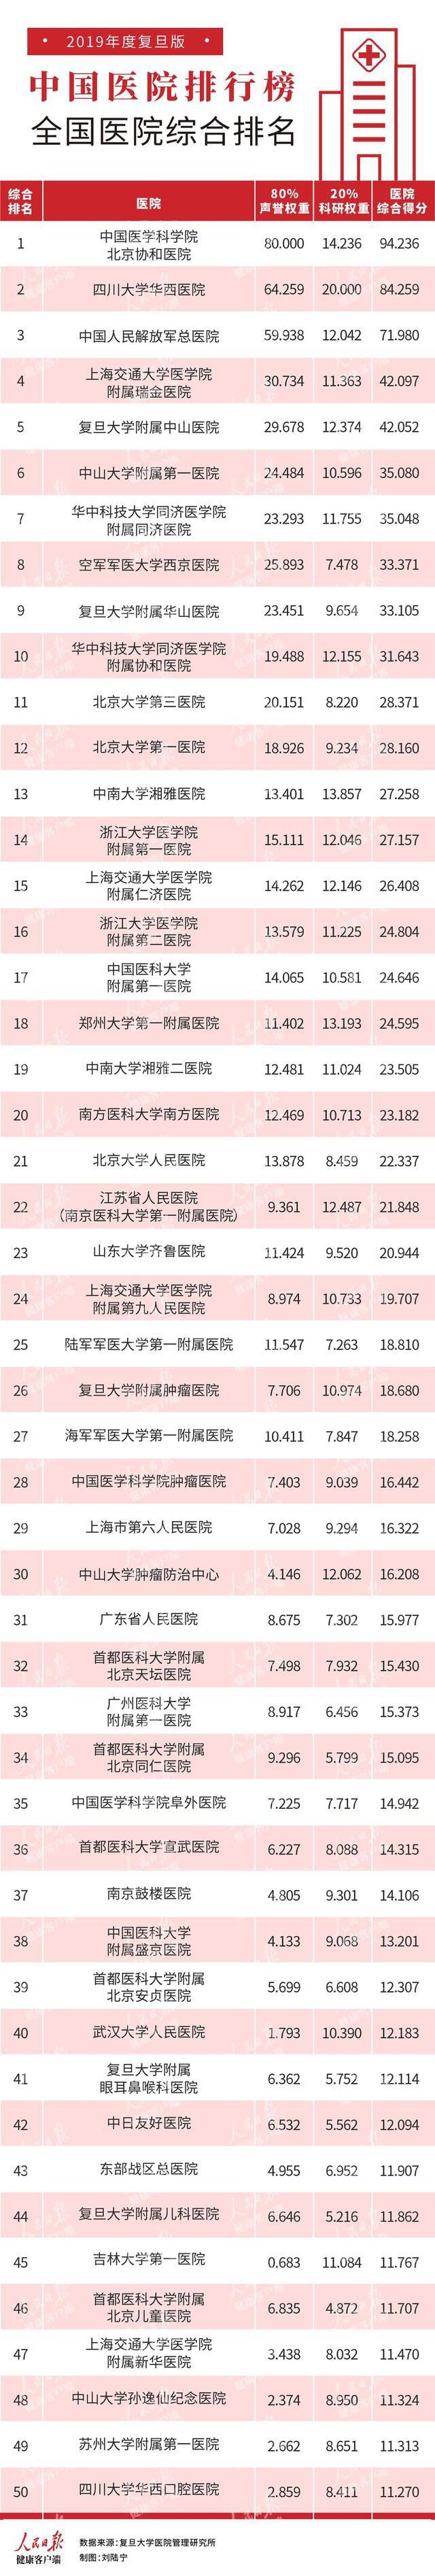 复旦版中国医院排行榜 北京协和医院蝉联榜首